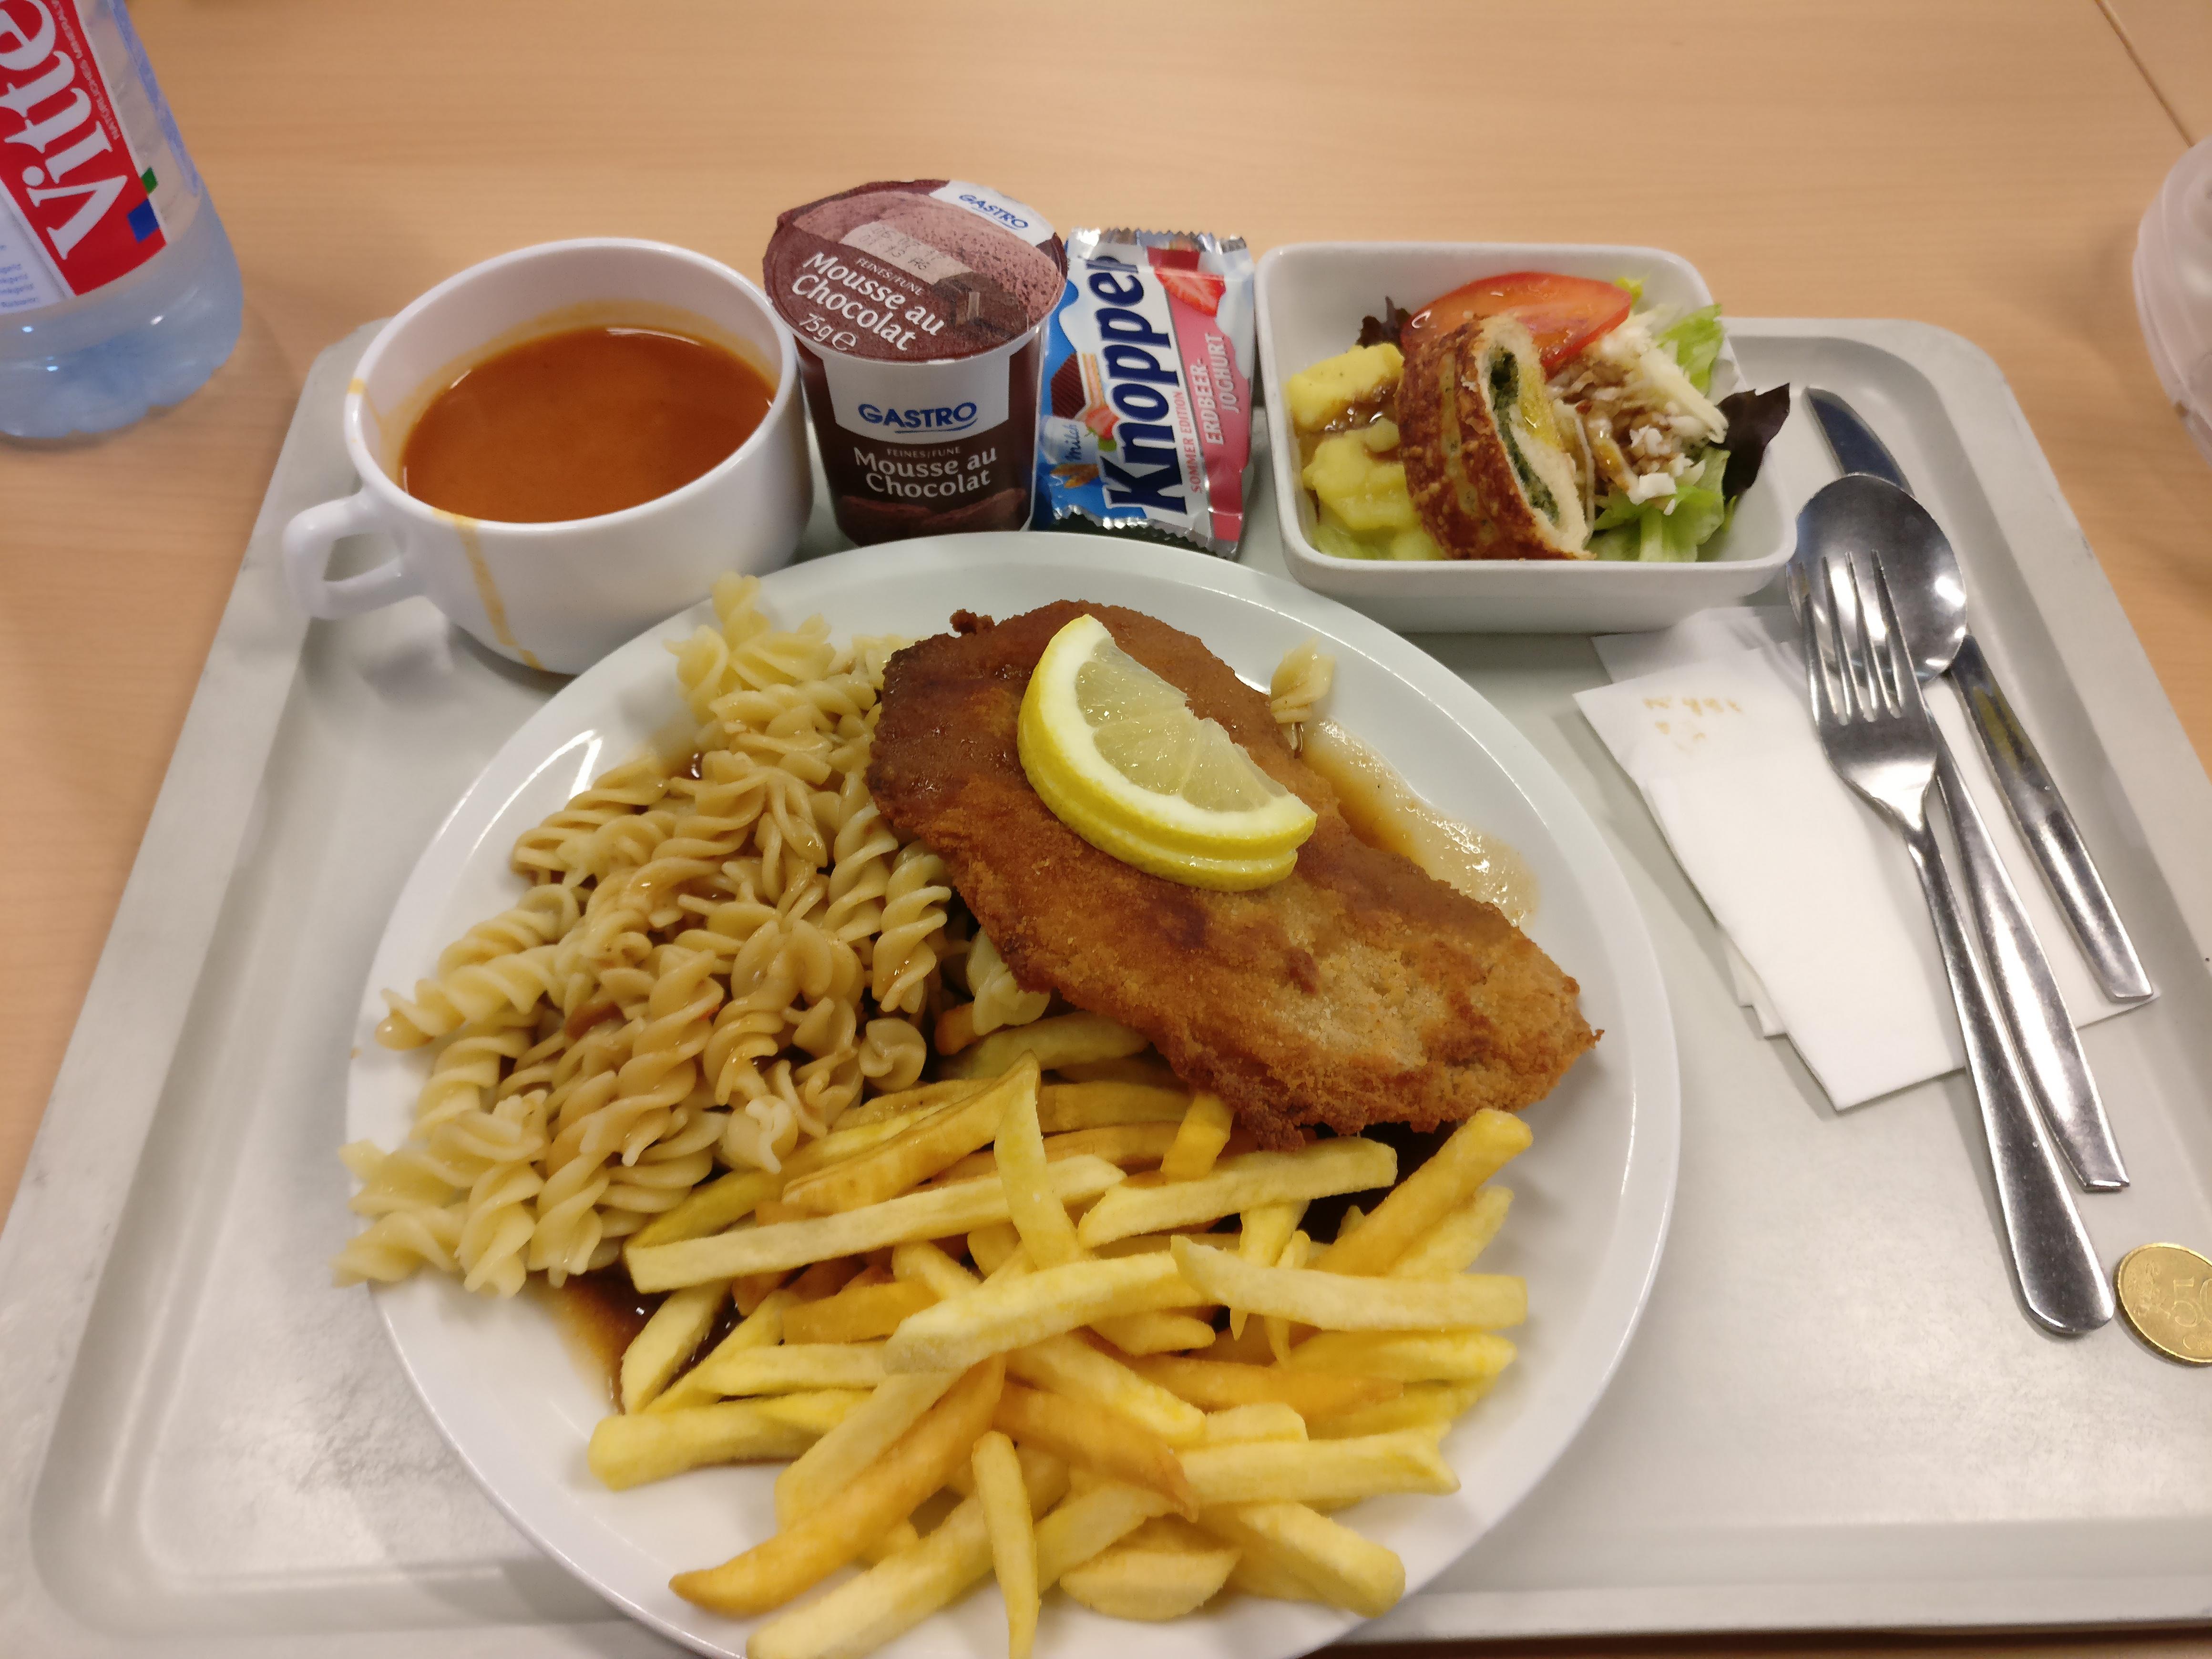 https://foodloader.net/nico_2017-06-22_schnitzel-mit-spaetzle-und-pommes-suppe-salat-und-nachtisch.jpg